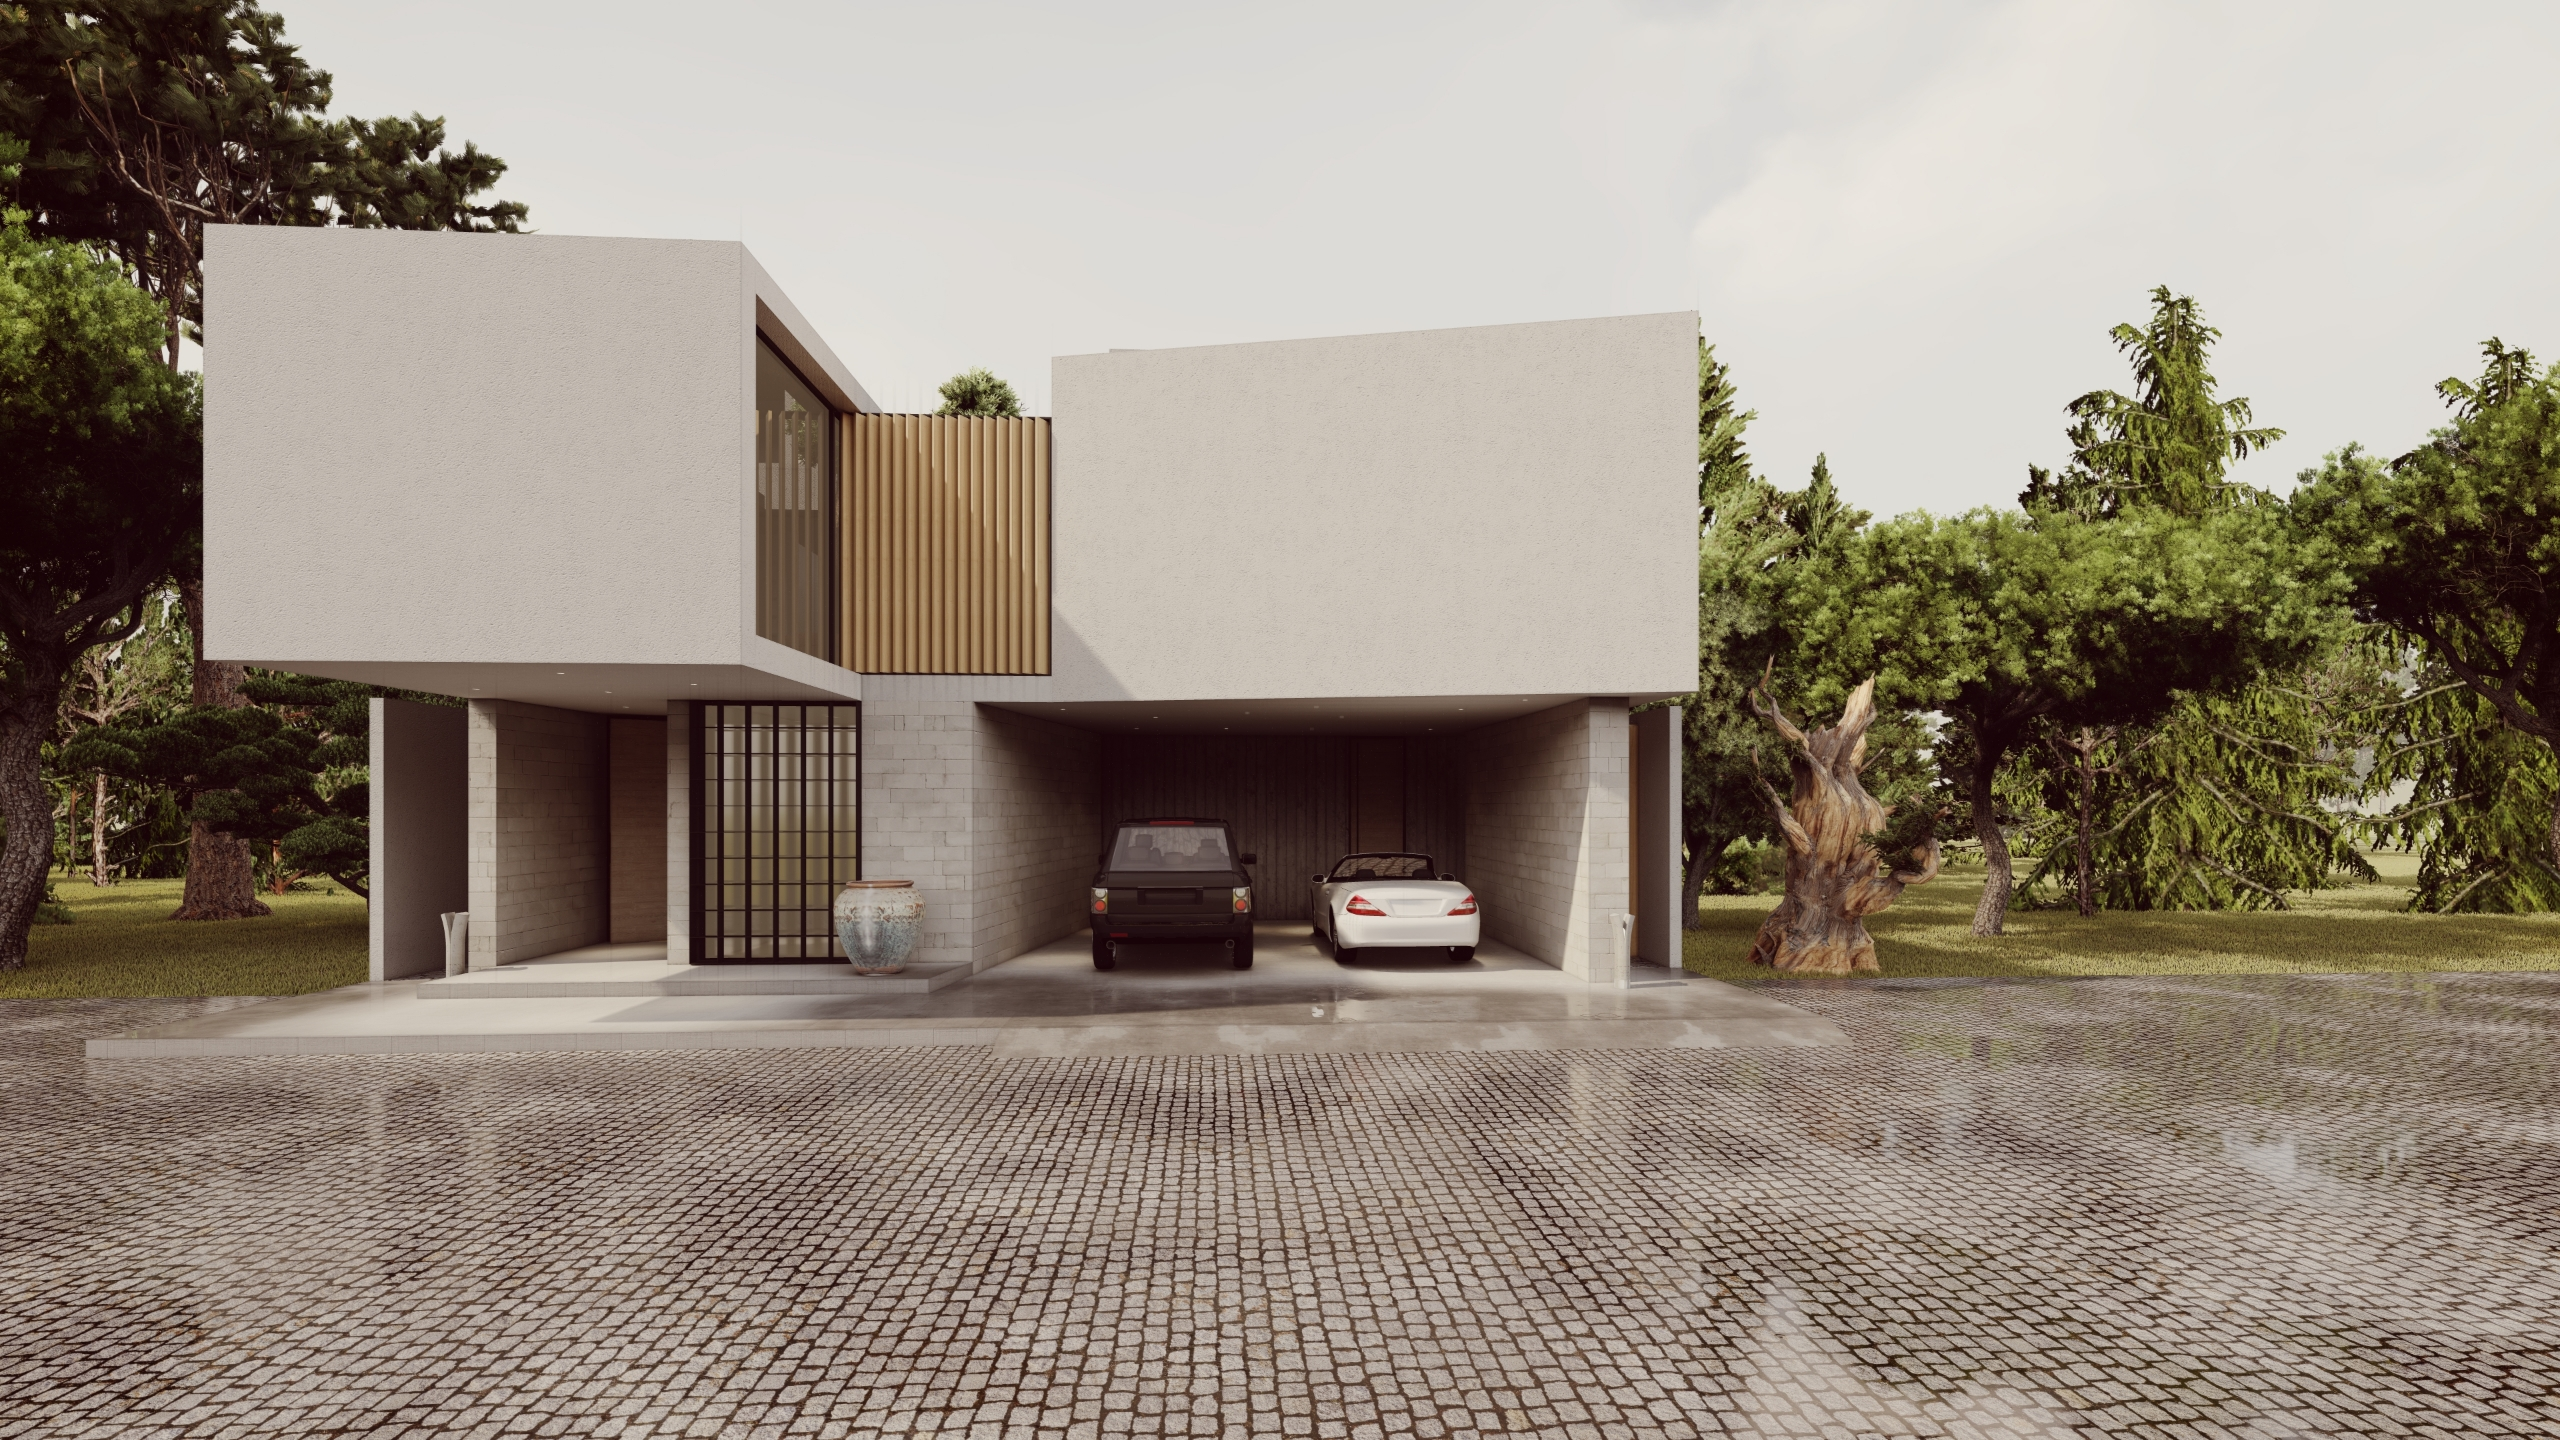 Casa Gallega Zacatecas, México  - vladimirdel | ello